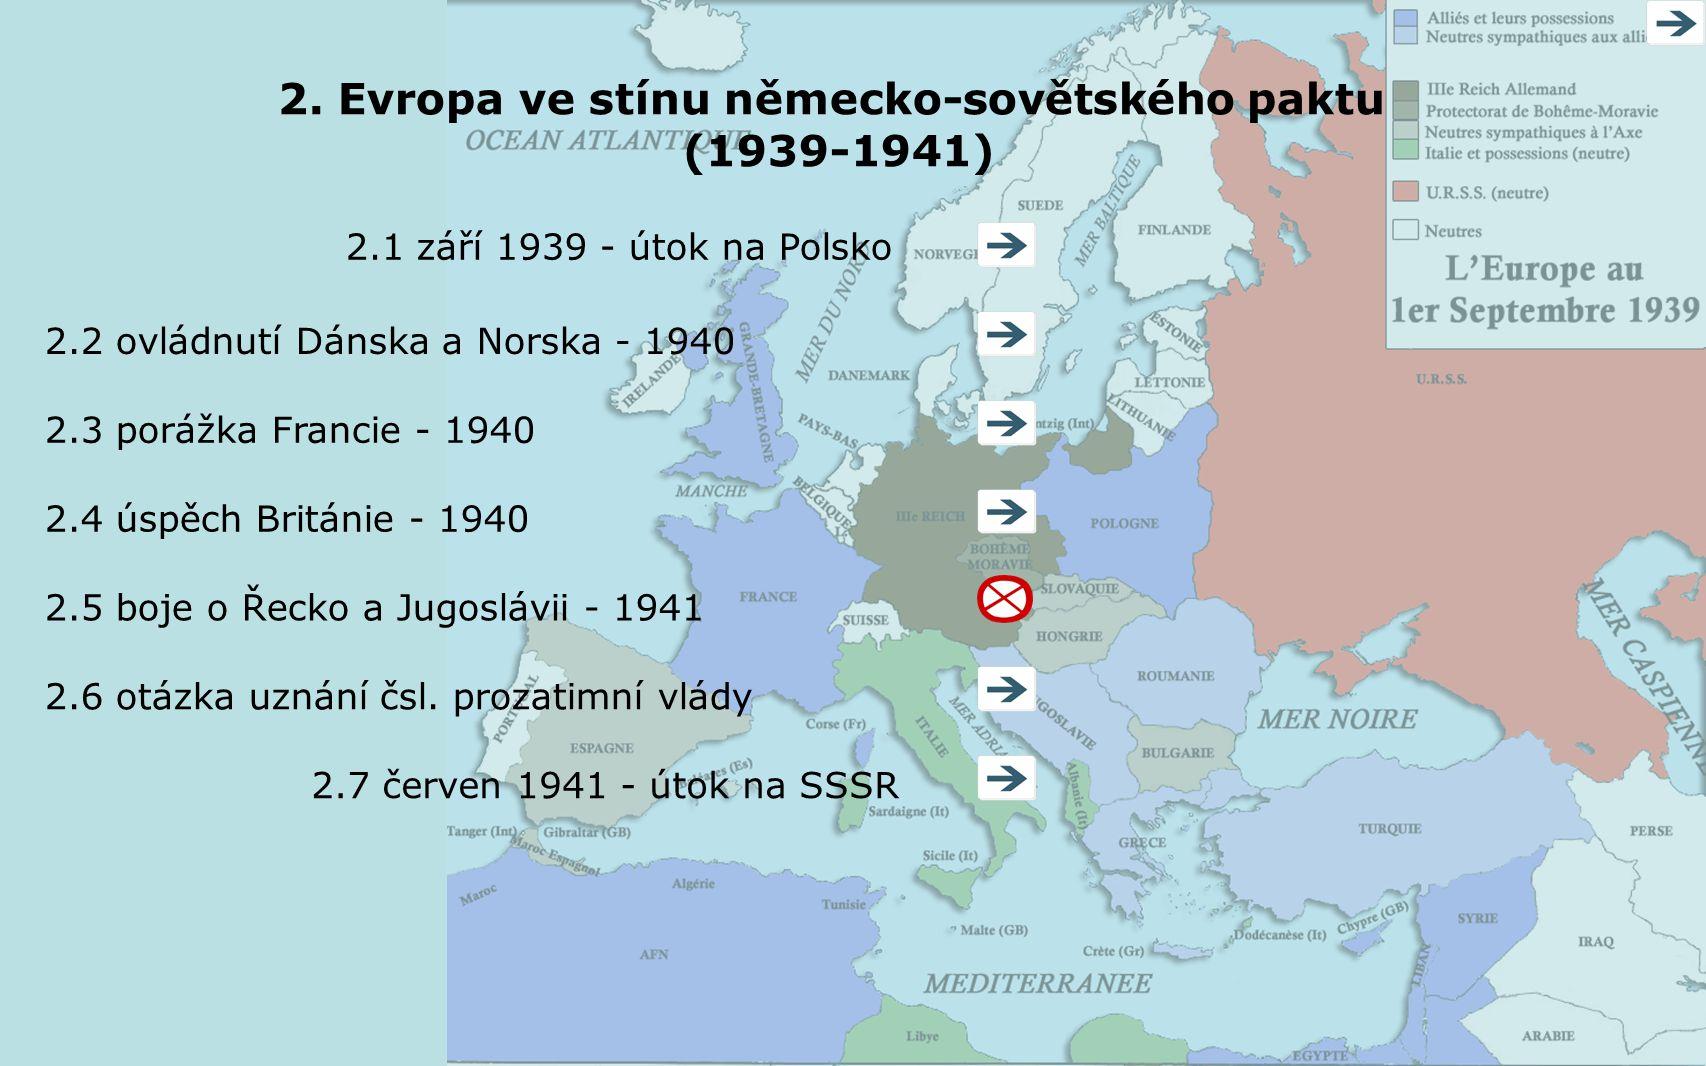 2. Evropa ve stínu německo-sovětského paktu